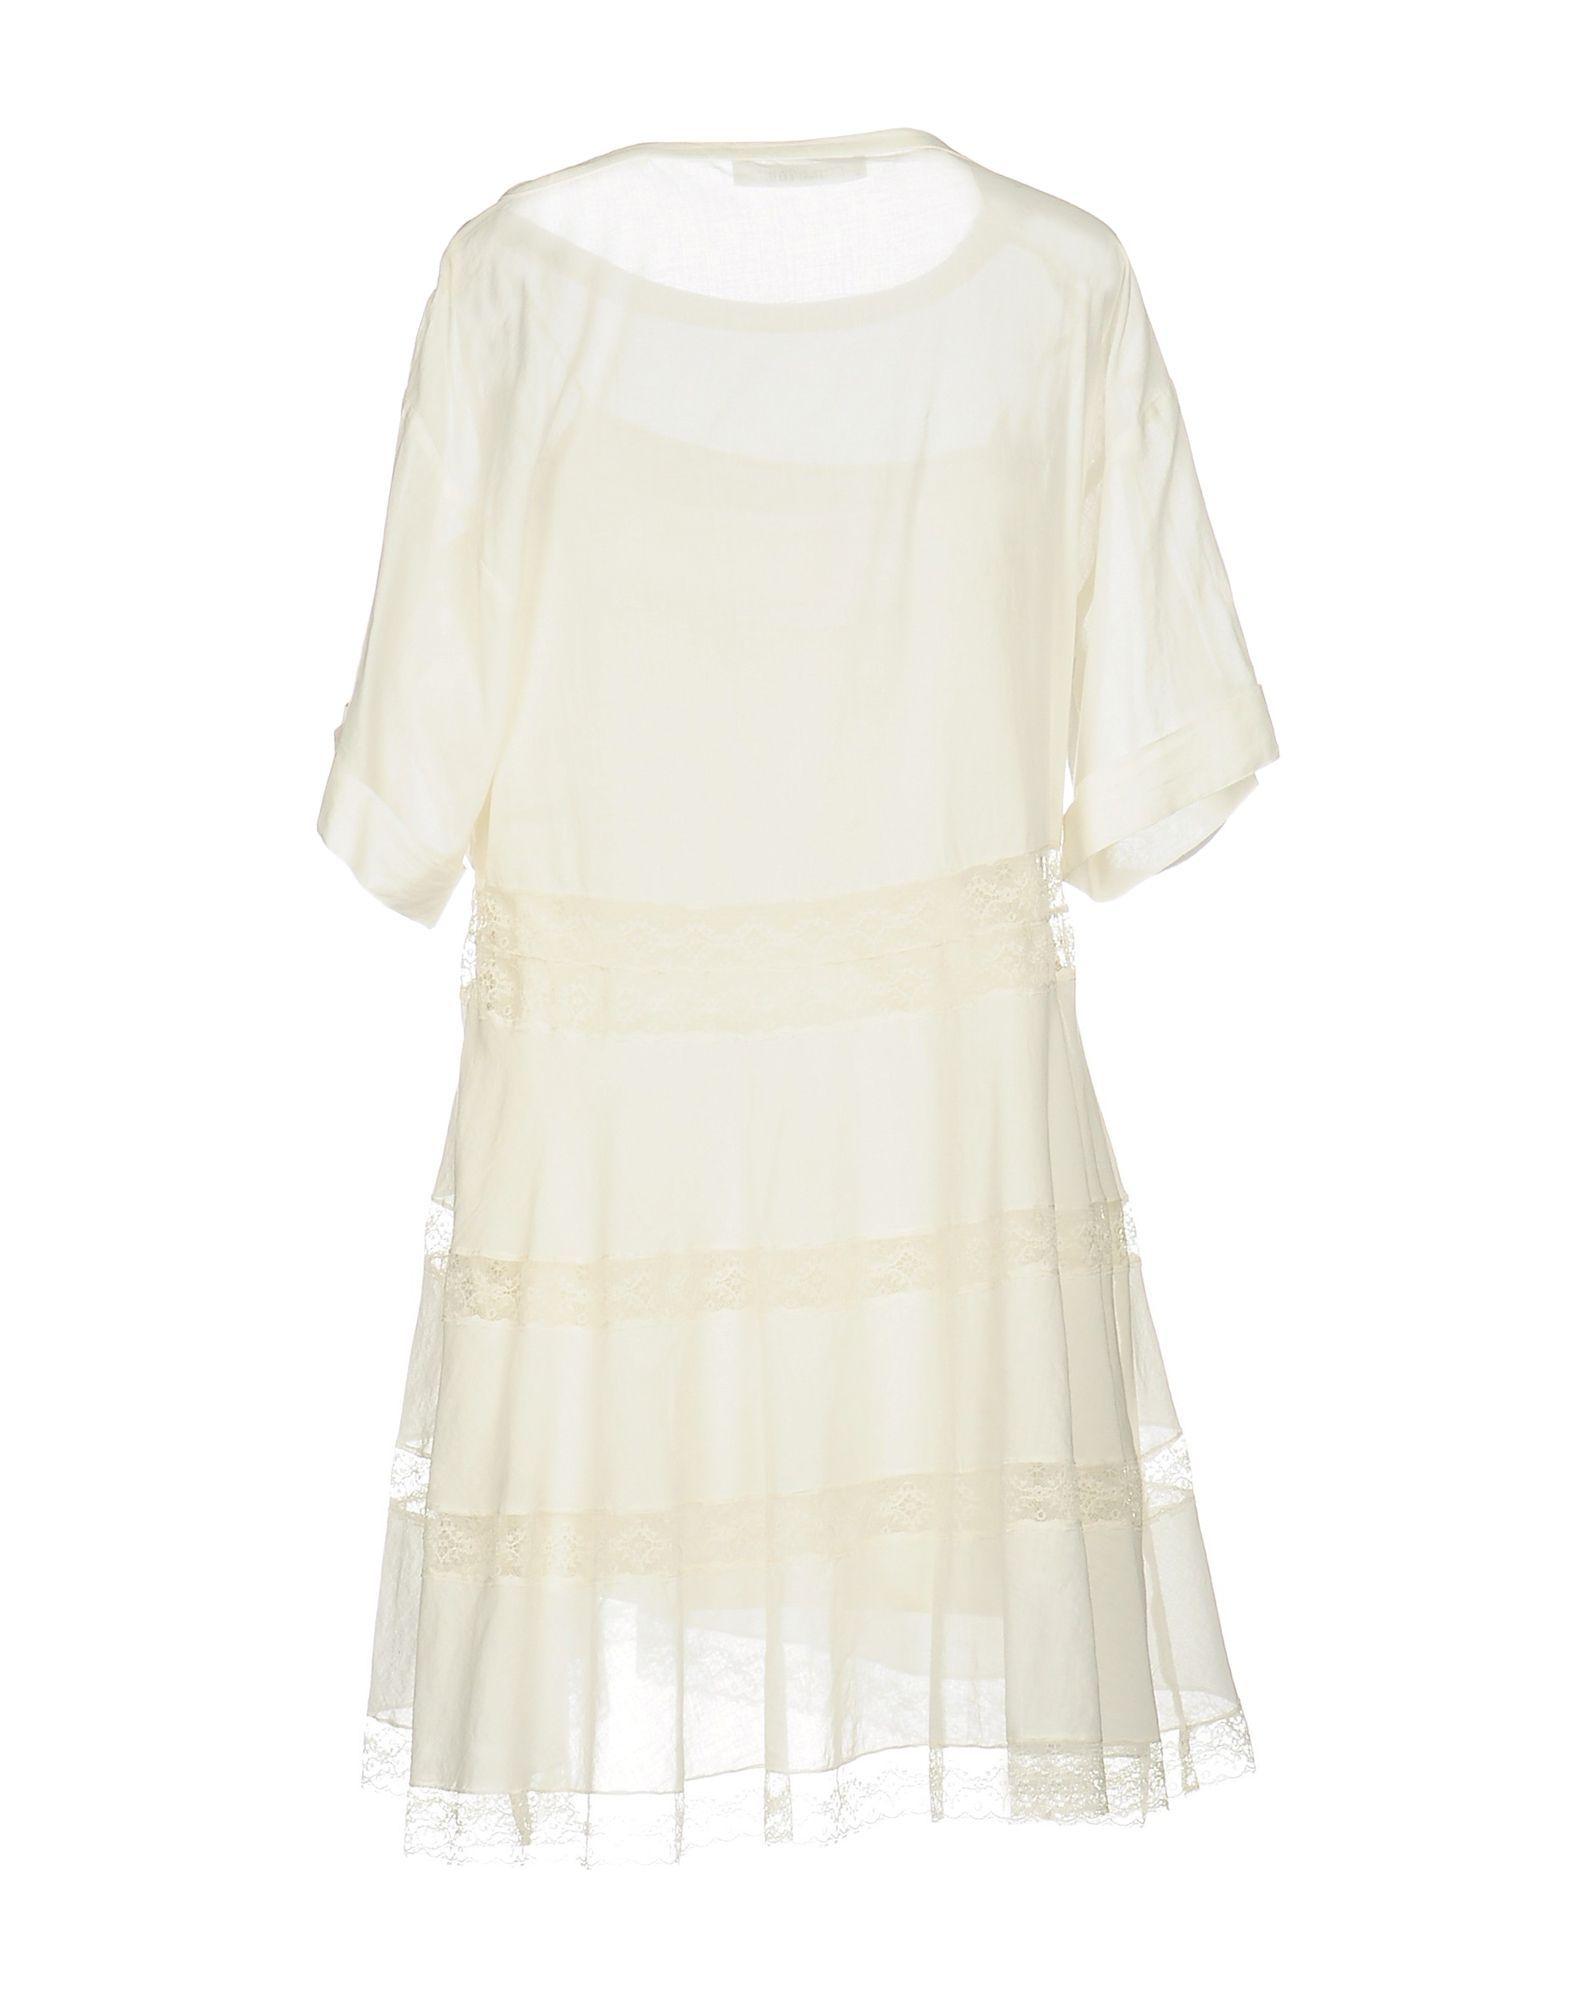 Philosophy Di Lorenzo Serafini Ivory Cotton Lace Dress